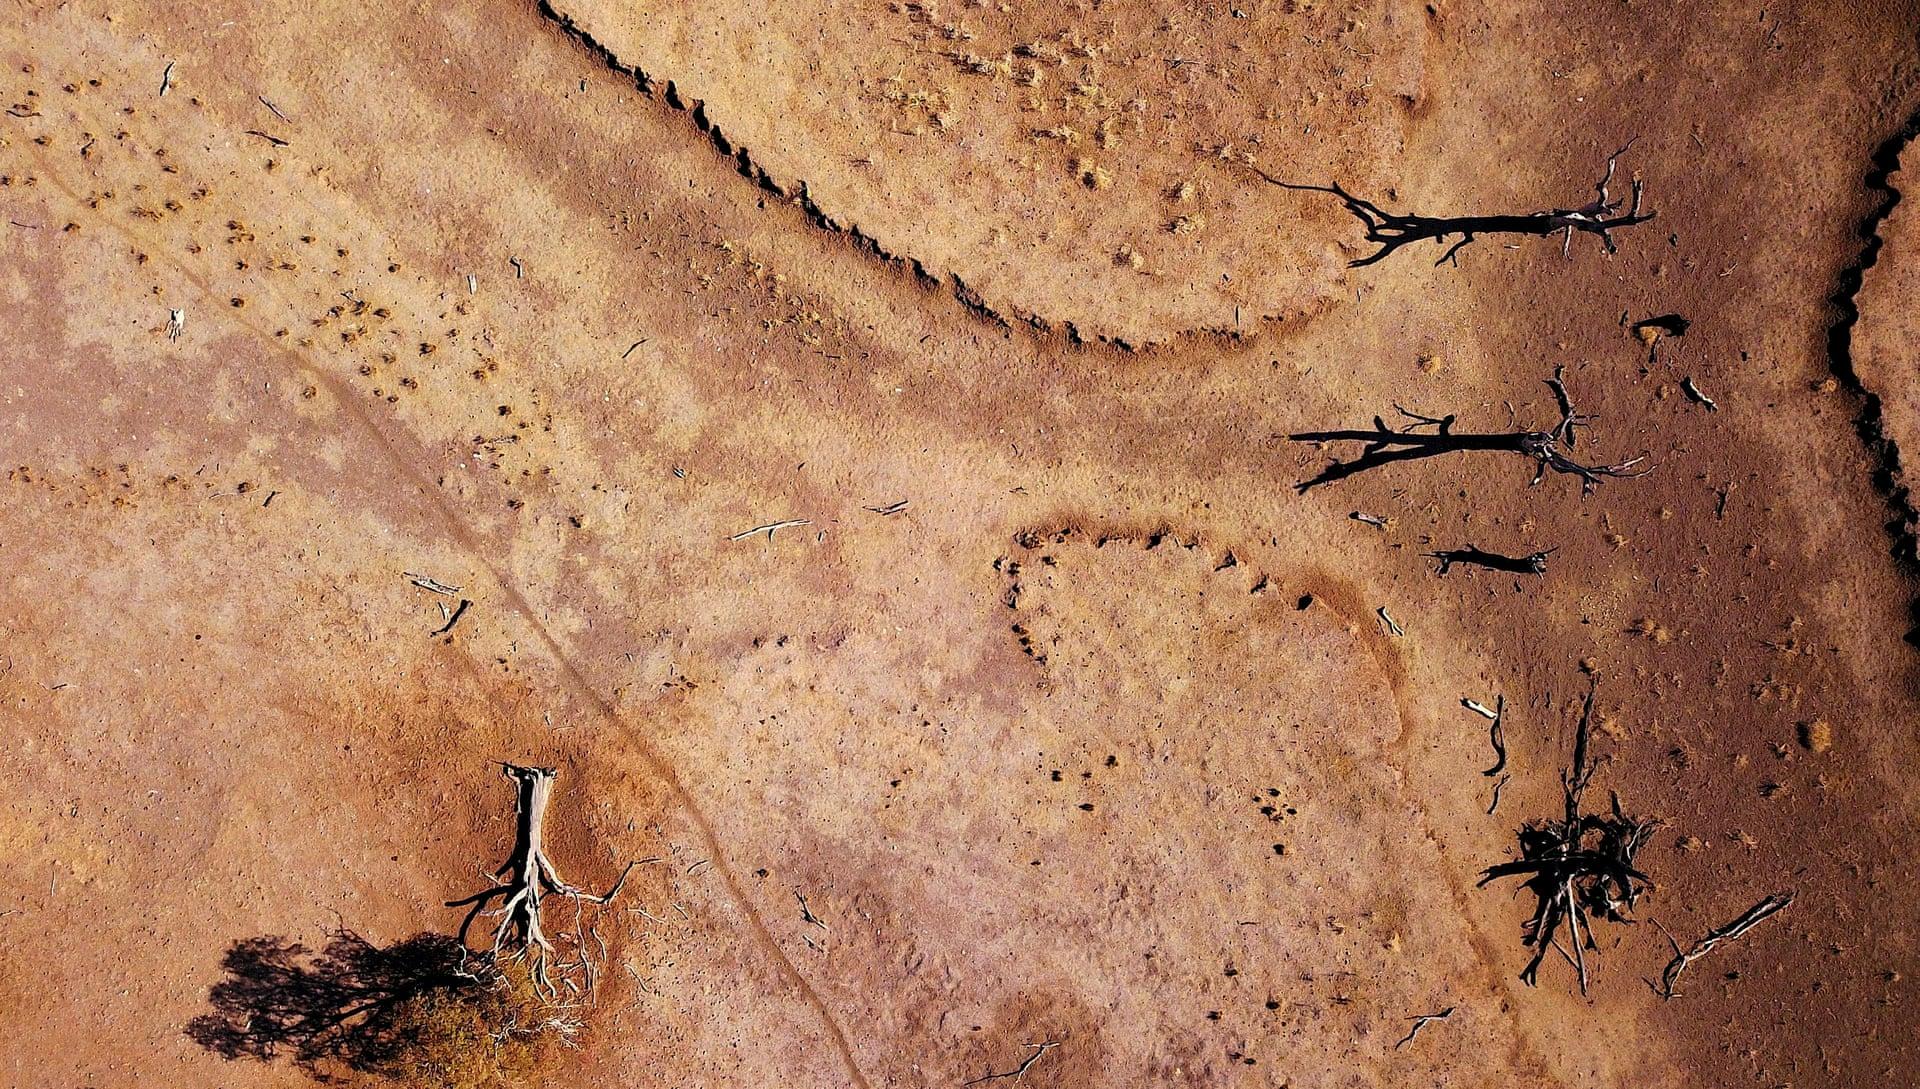 Фото дня: засуха в Австралии с высоты птичьего полета Фото дня: засуха в Австралии с высоты птичьего полета 3500 20 15